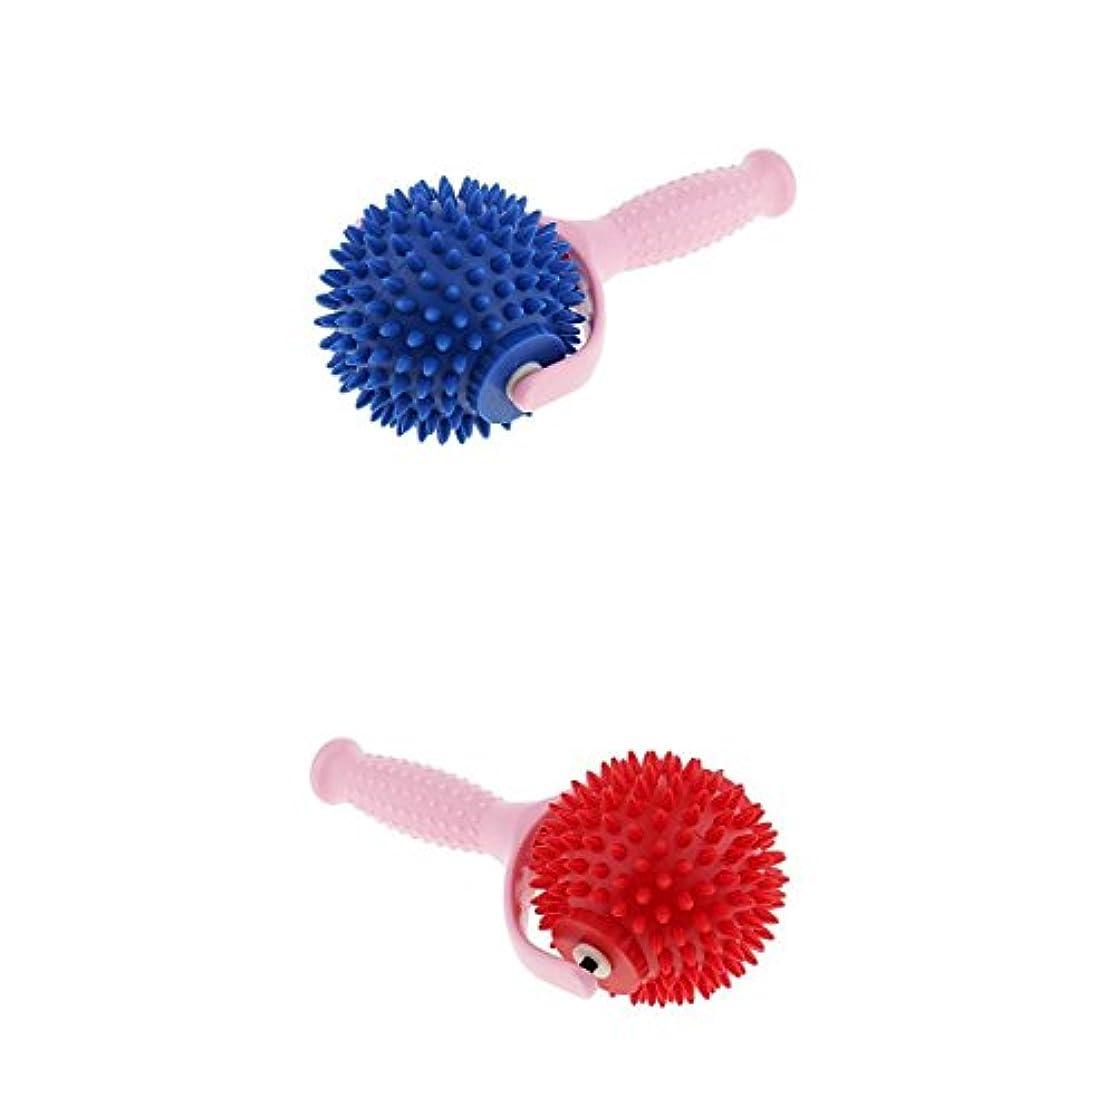 ペアセンブランス感謝祭KOZEEY 2個 マッサージボール 手持ち式 筋膜リリース 鍼療法 伝統的 疲労回復 健康器具